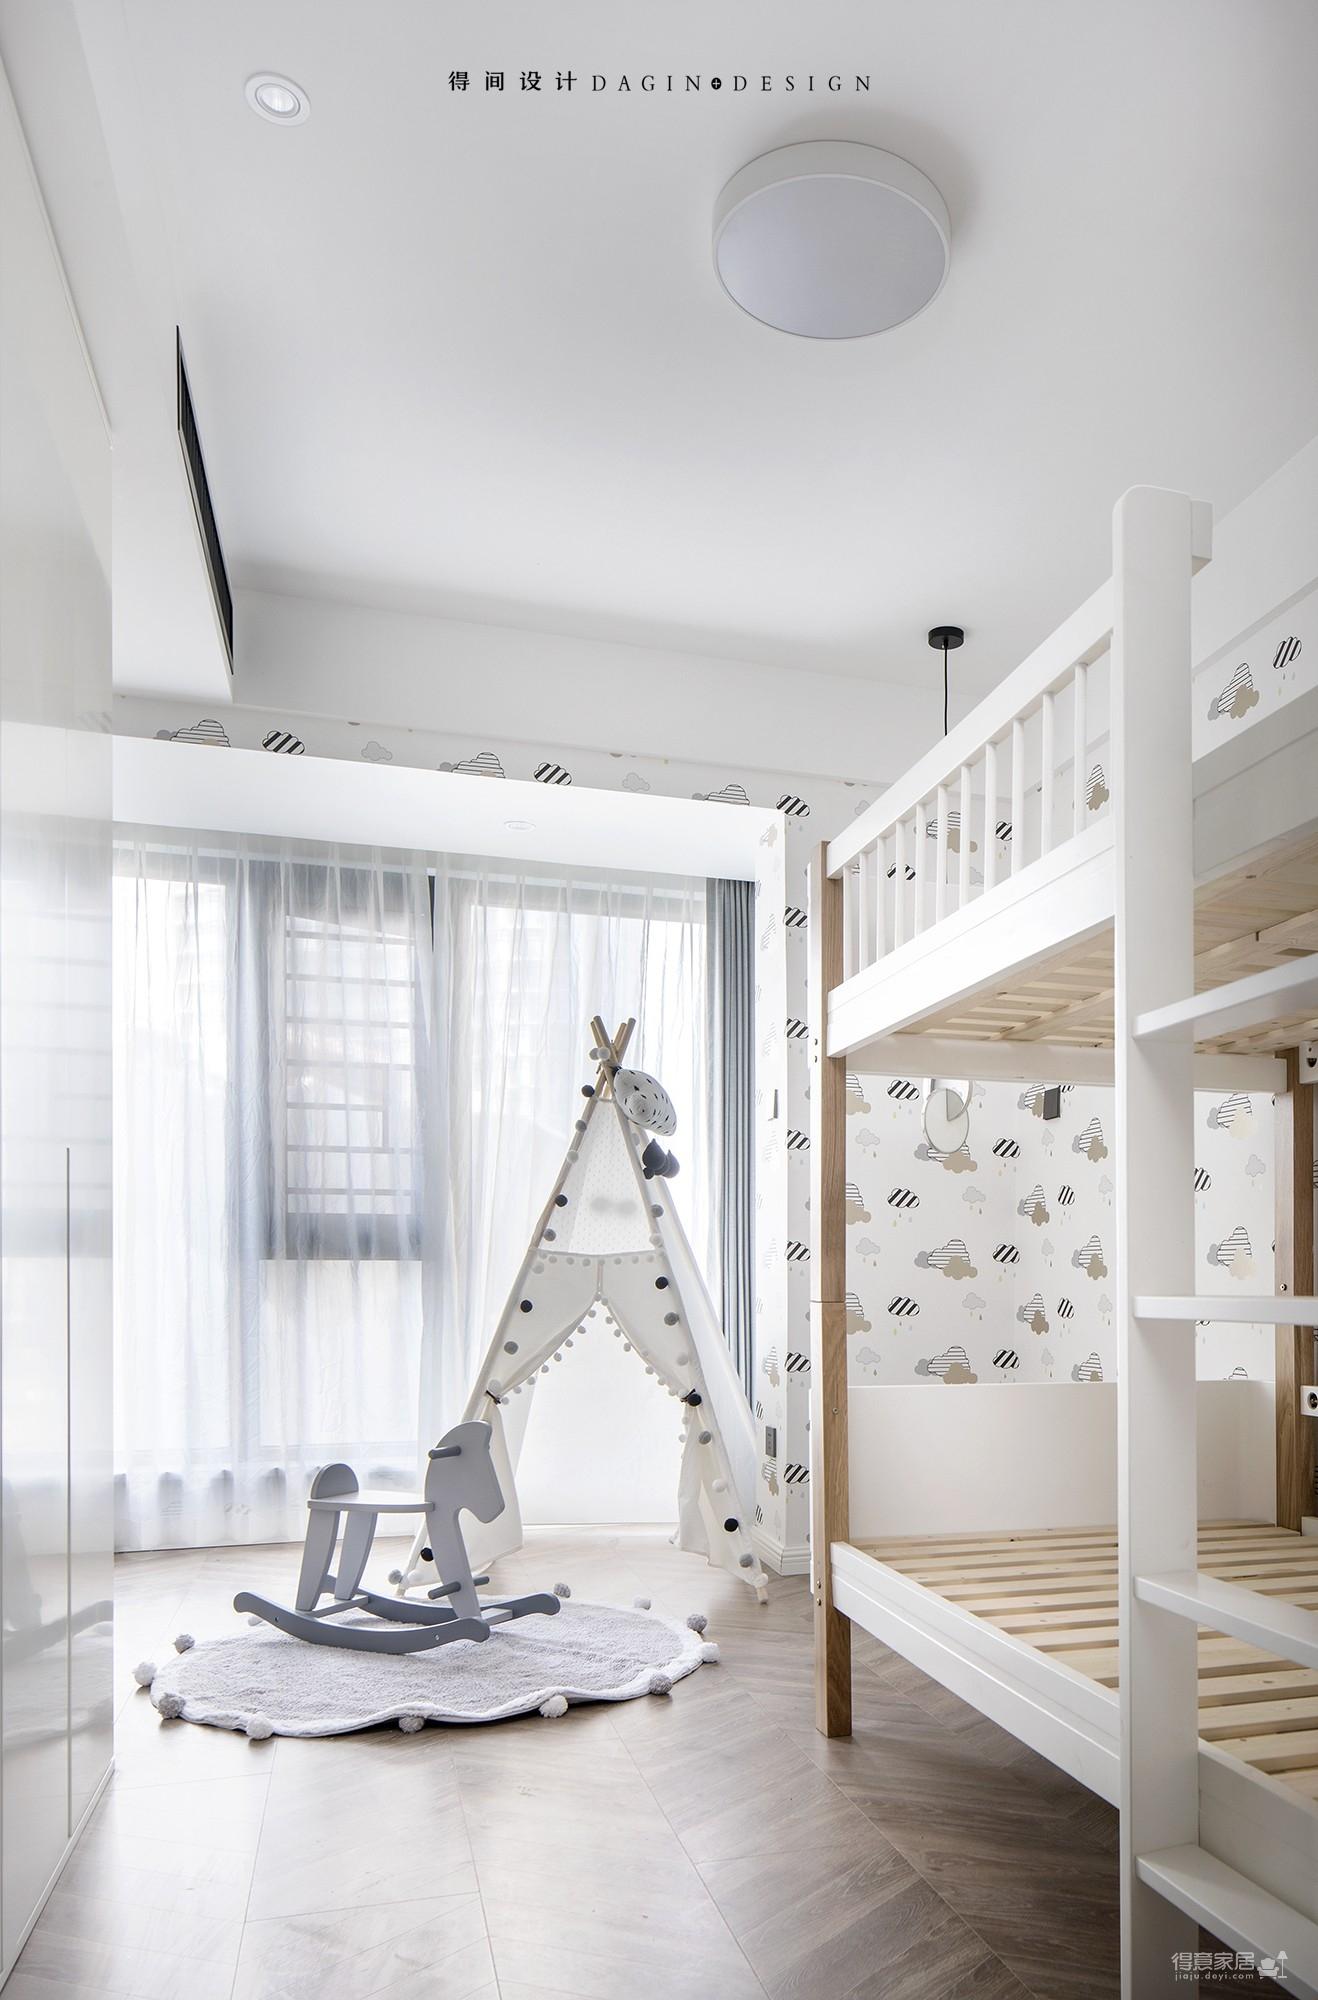 首发 || 颜值在线极简风,用黑白灰缔造品质生活,筑就温暖美家!